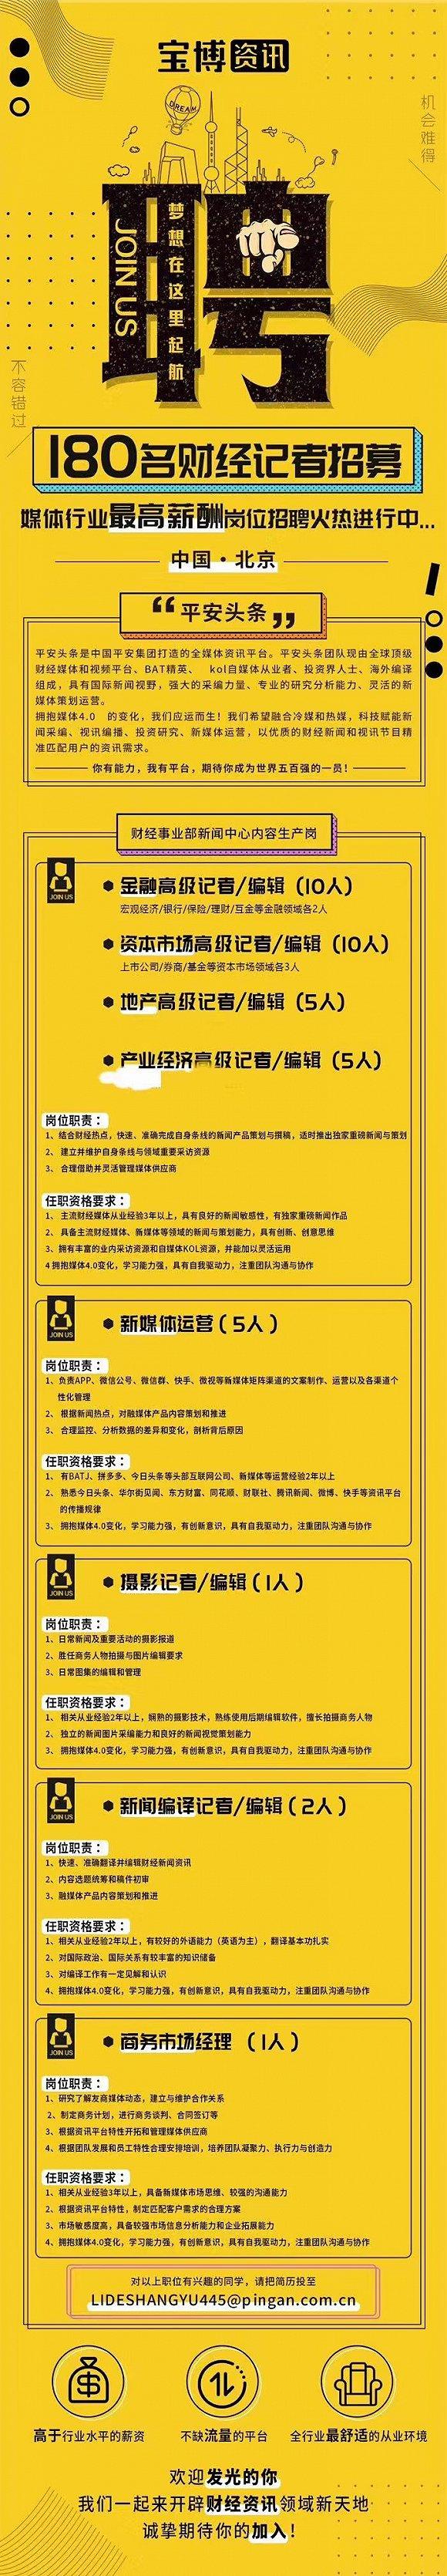 """平安集团推出全媒体资讯平台""""平安头条"""",招募180名财经记者图2"""